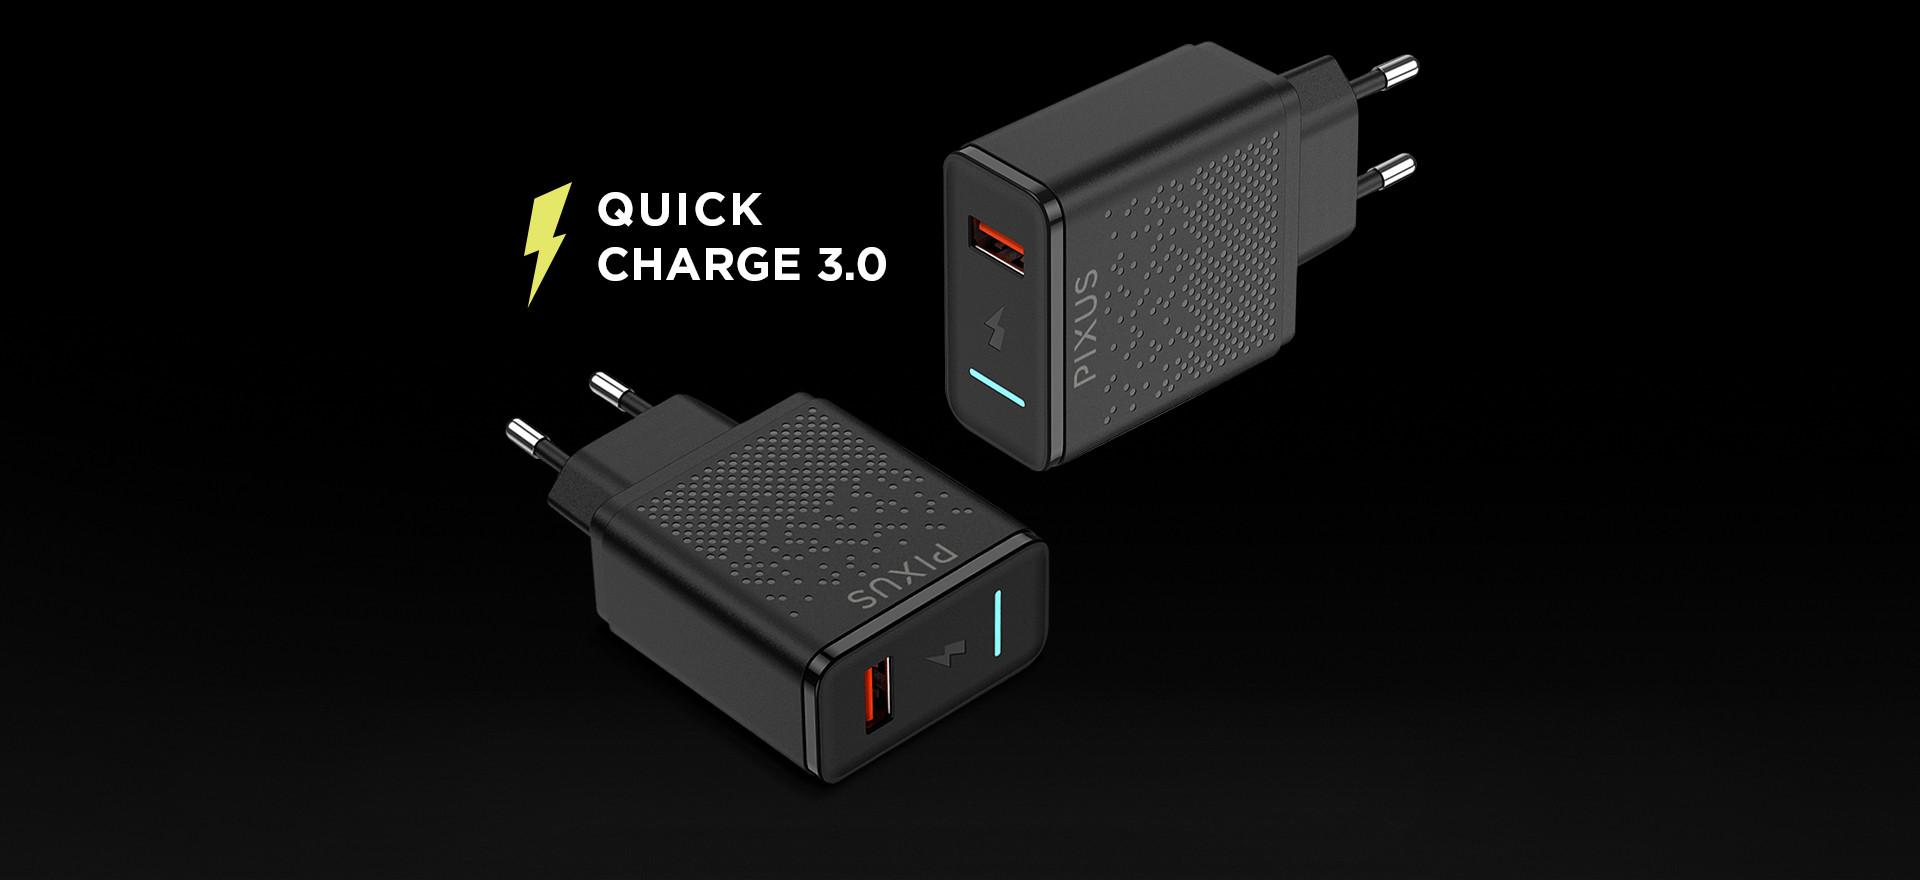 QUICK-3-Wix-Main_07.jpg